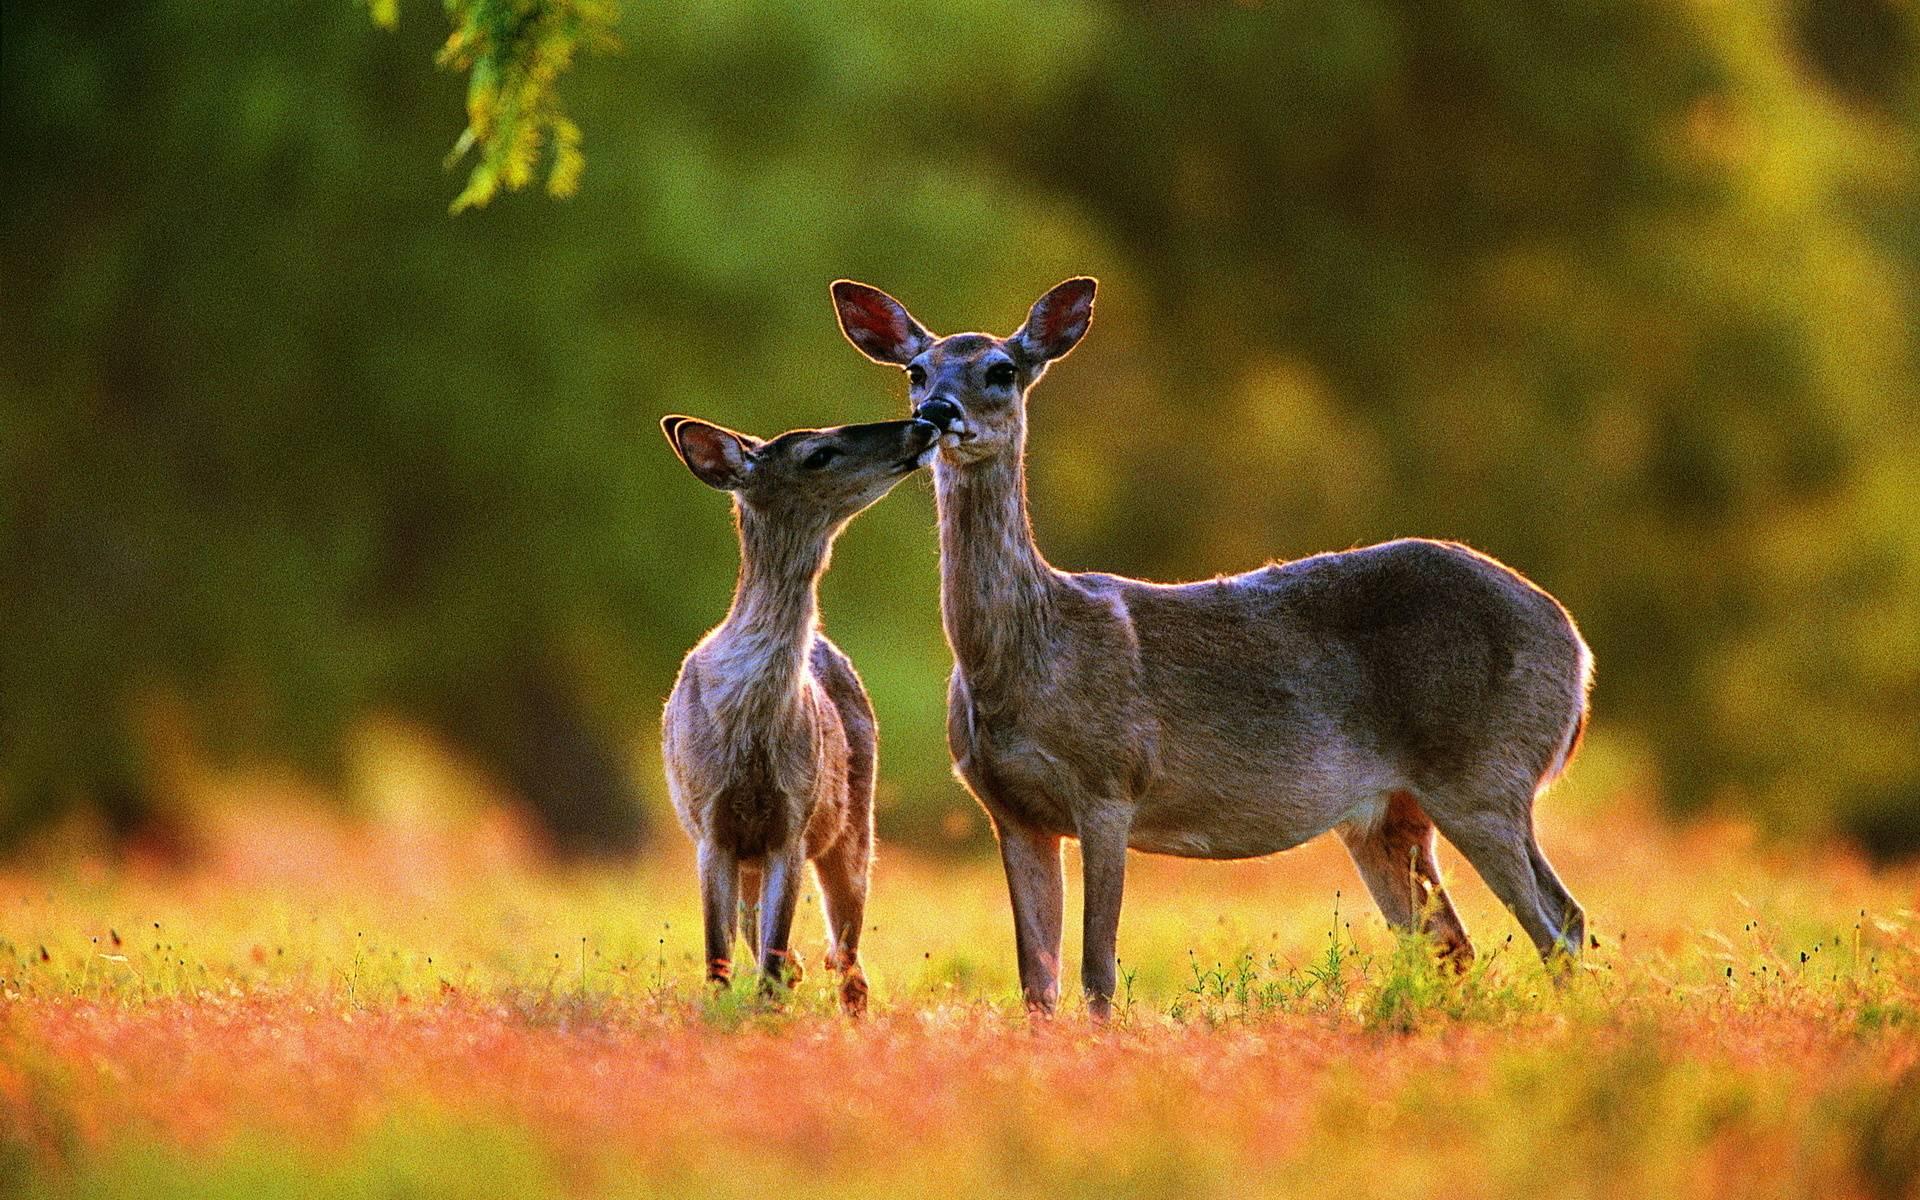 deer wallpaper for my desktop - photo #8